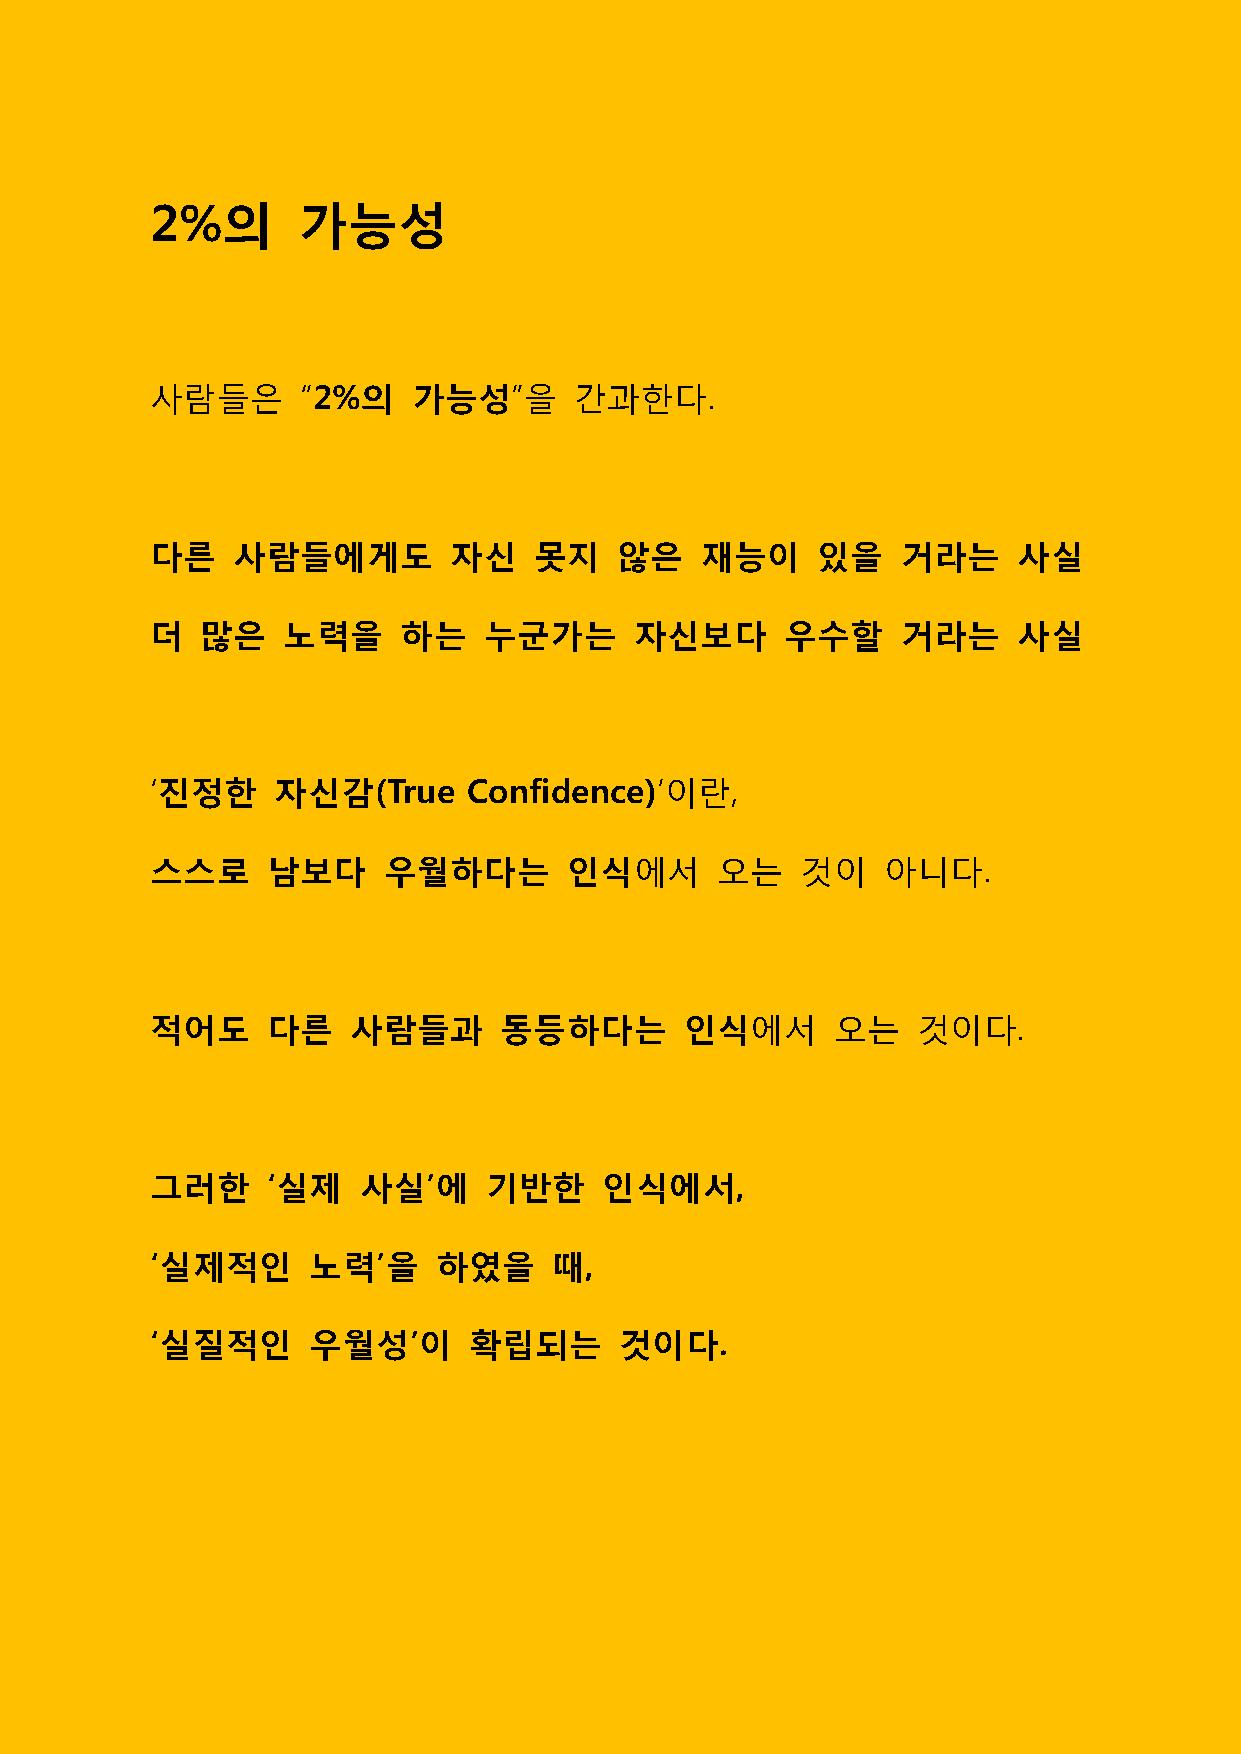 라이트닝_Page_07.png